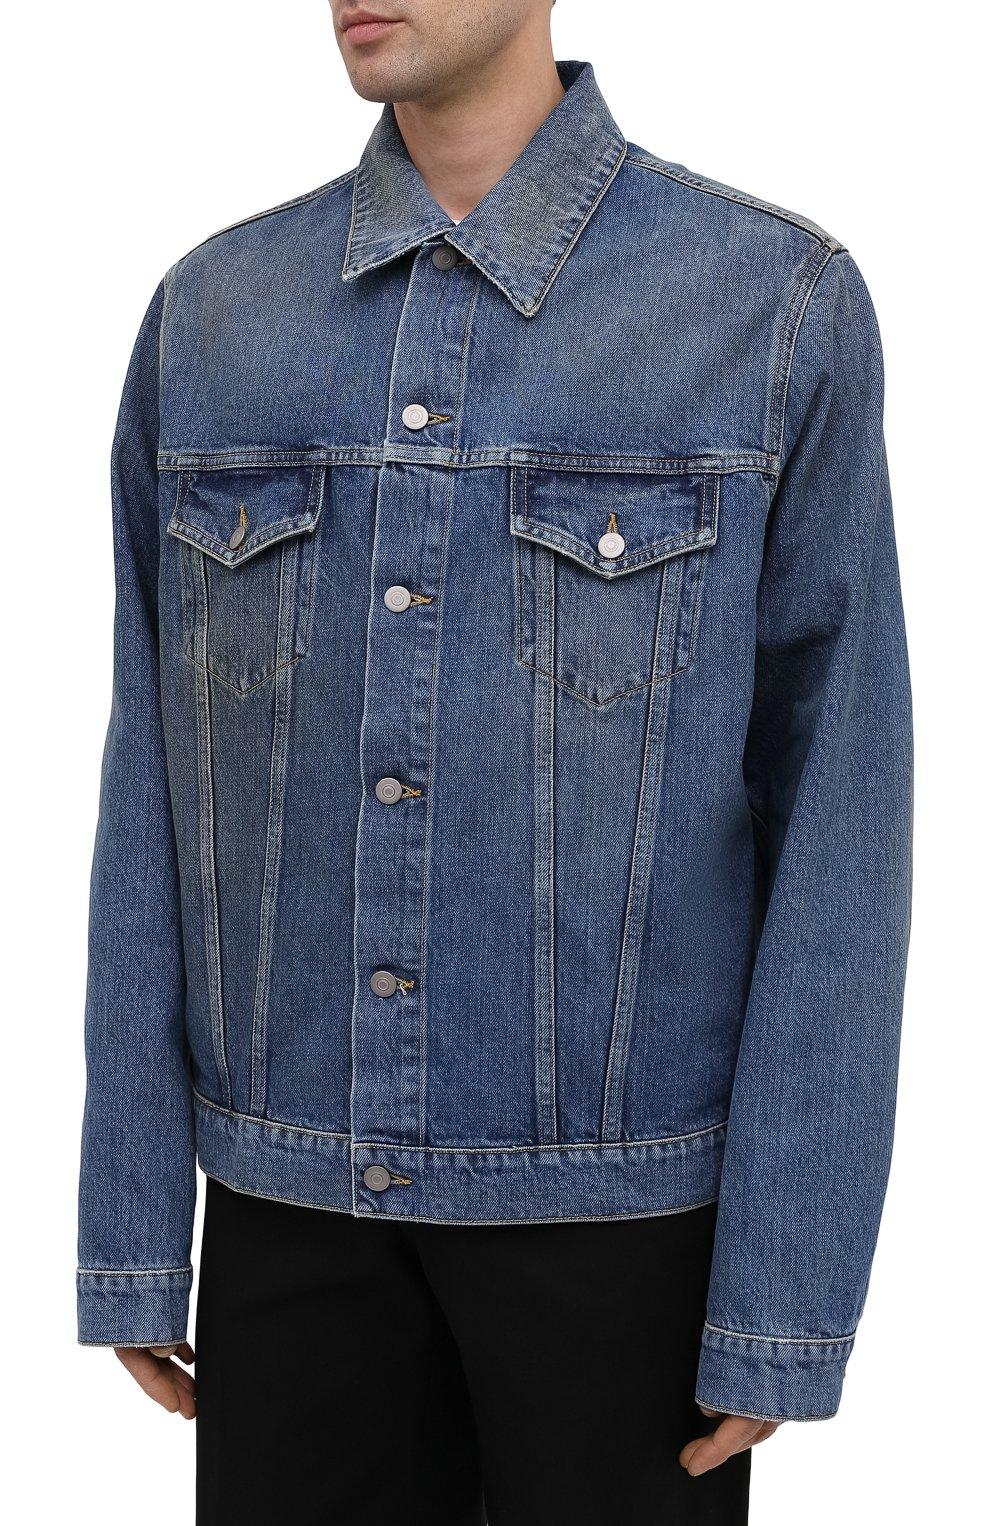 Мужская джинсовая куртка MAISON MARGIELA синего цвета, арт. S50AM0483/S30561 | Фото 3 (Кросс-КТ: Куртка, Деним; Рукава: Длинные; Стили: Гранж; Материал внешний: Хлопок; Мужское Кросс-КТ: Куртка-верхняя одежда, Верхняя одежда; Длина (верхняя одежда): Короткие)